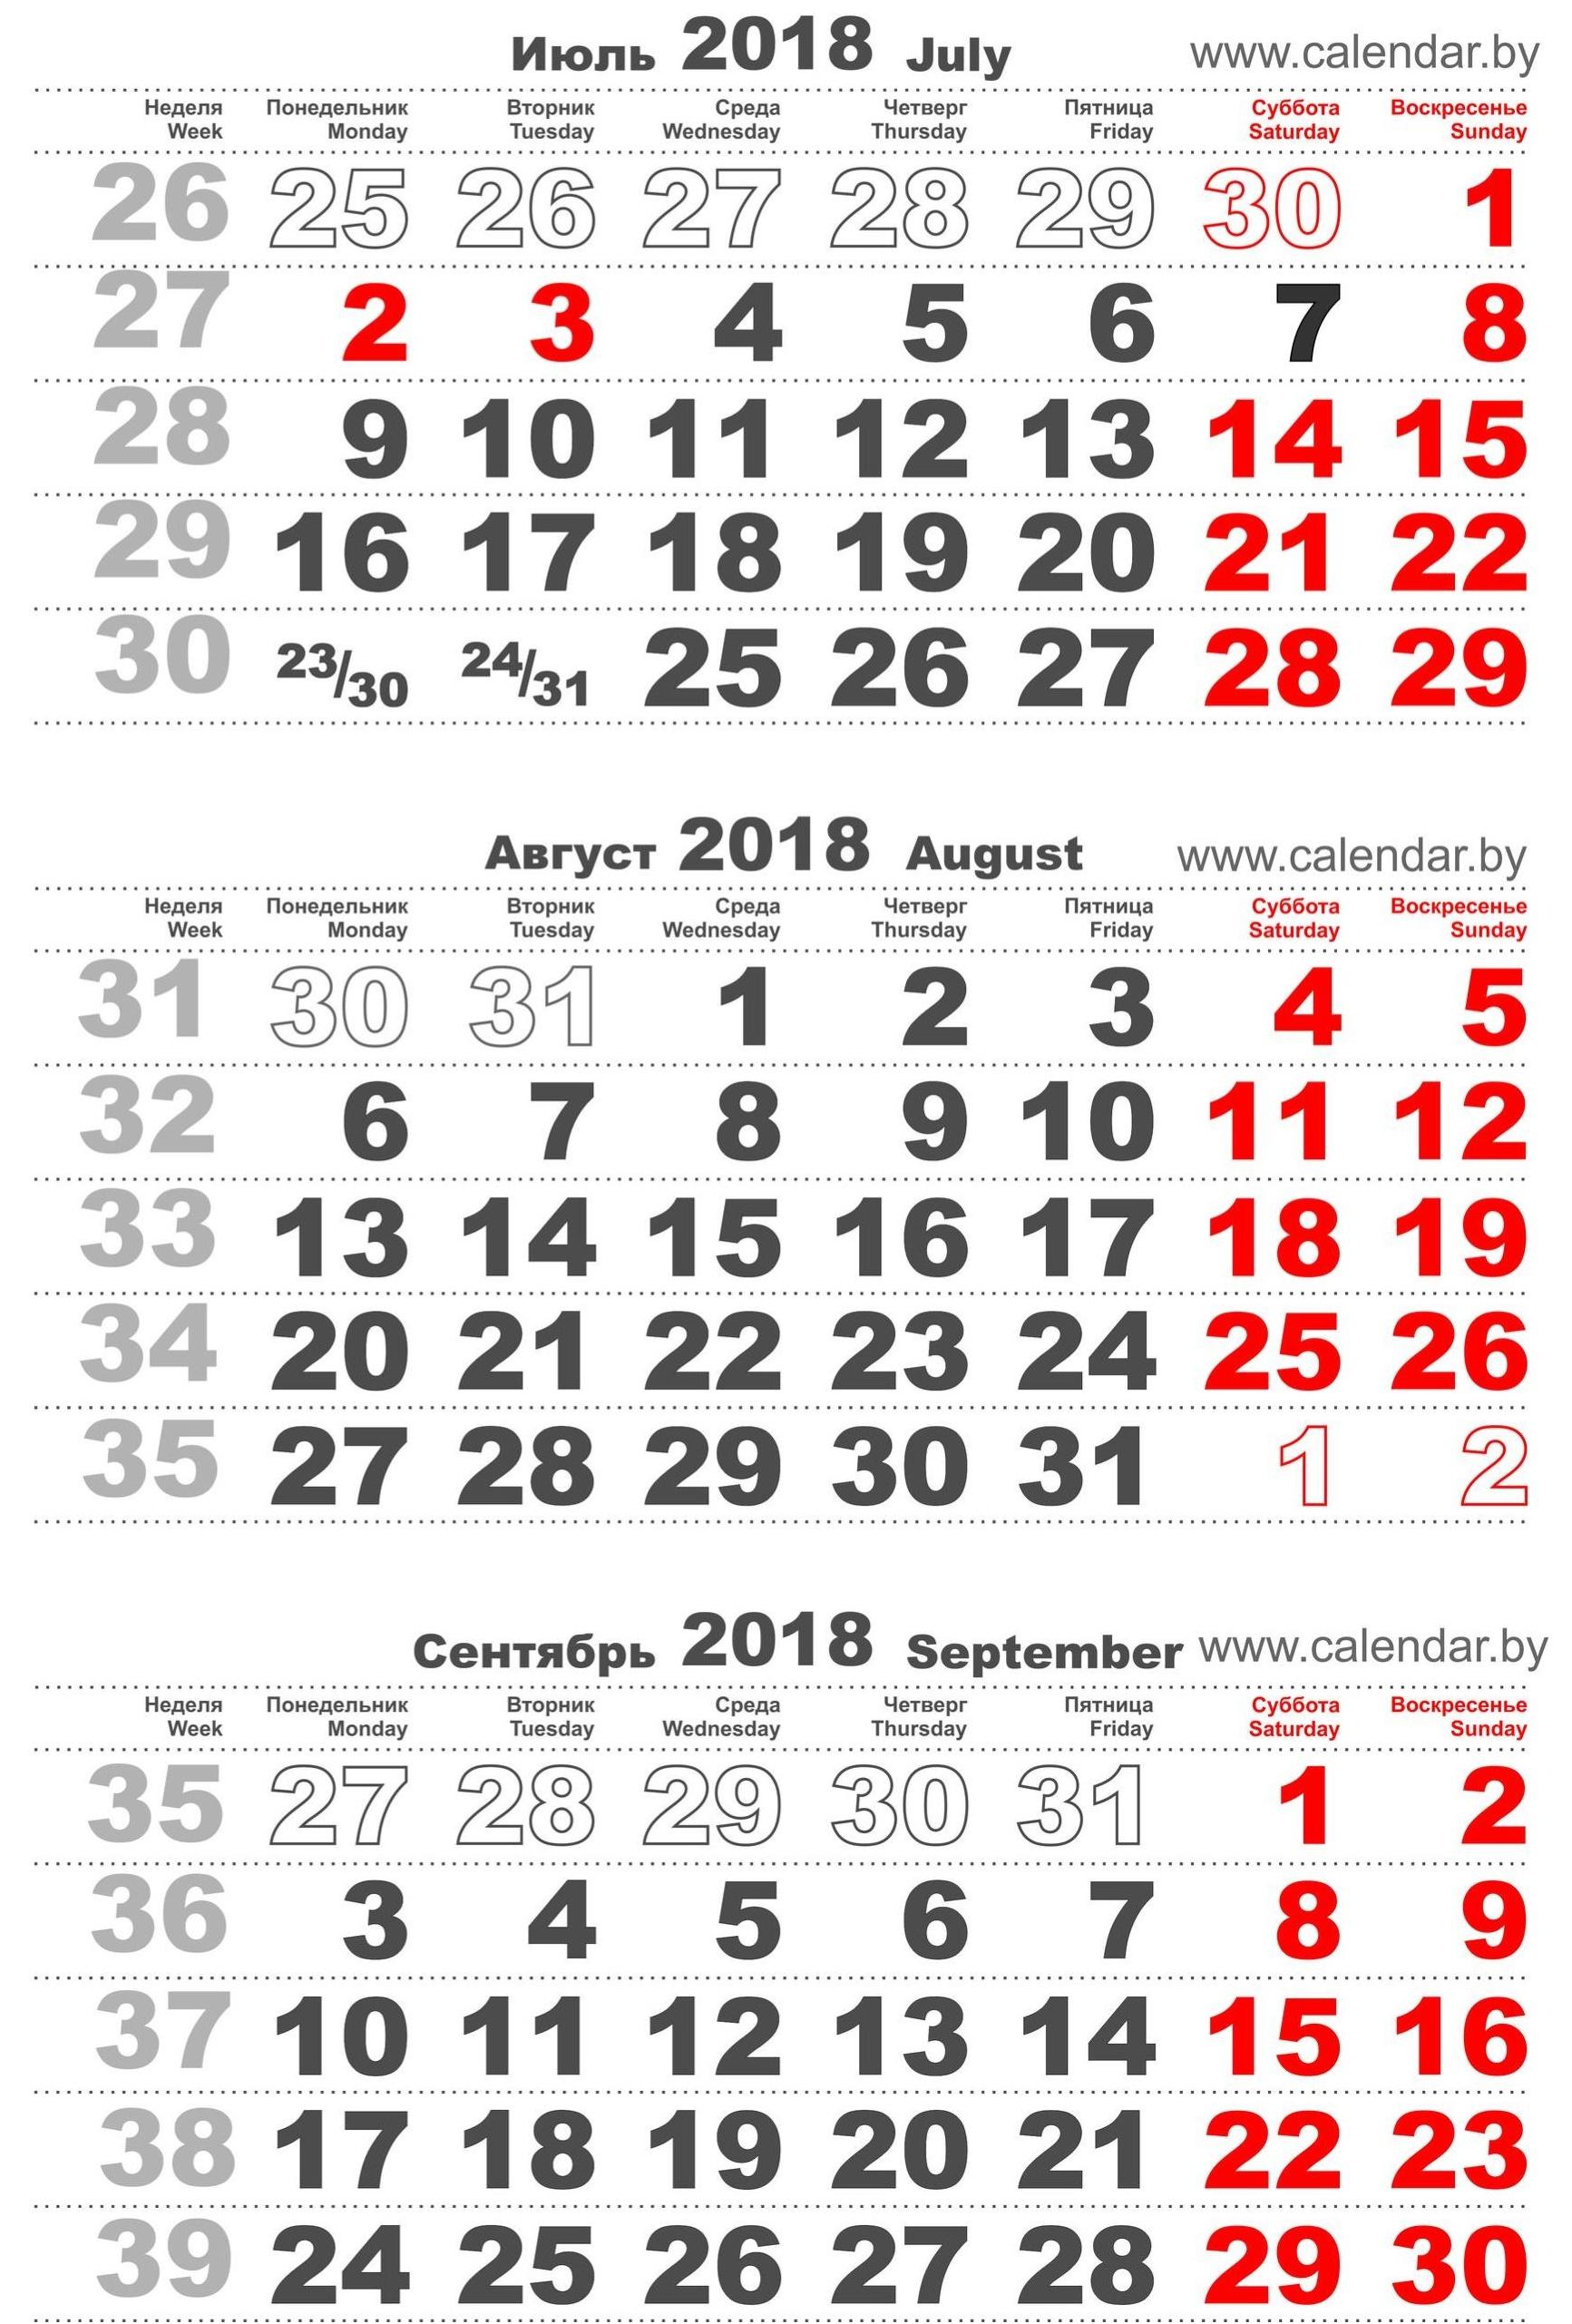 Праздники в сентябре 2018 года календарь